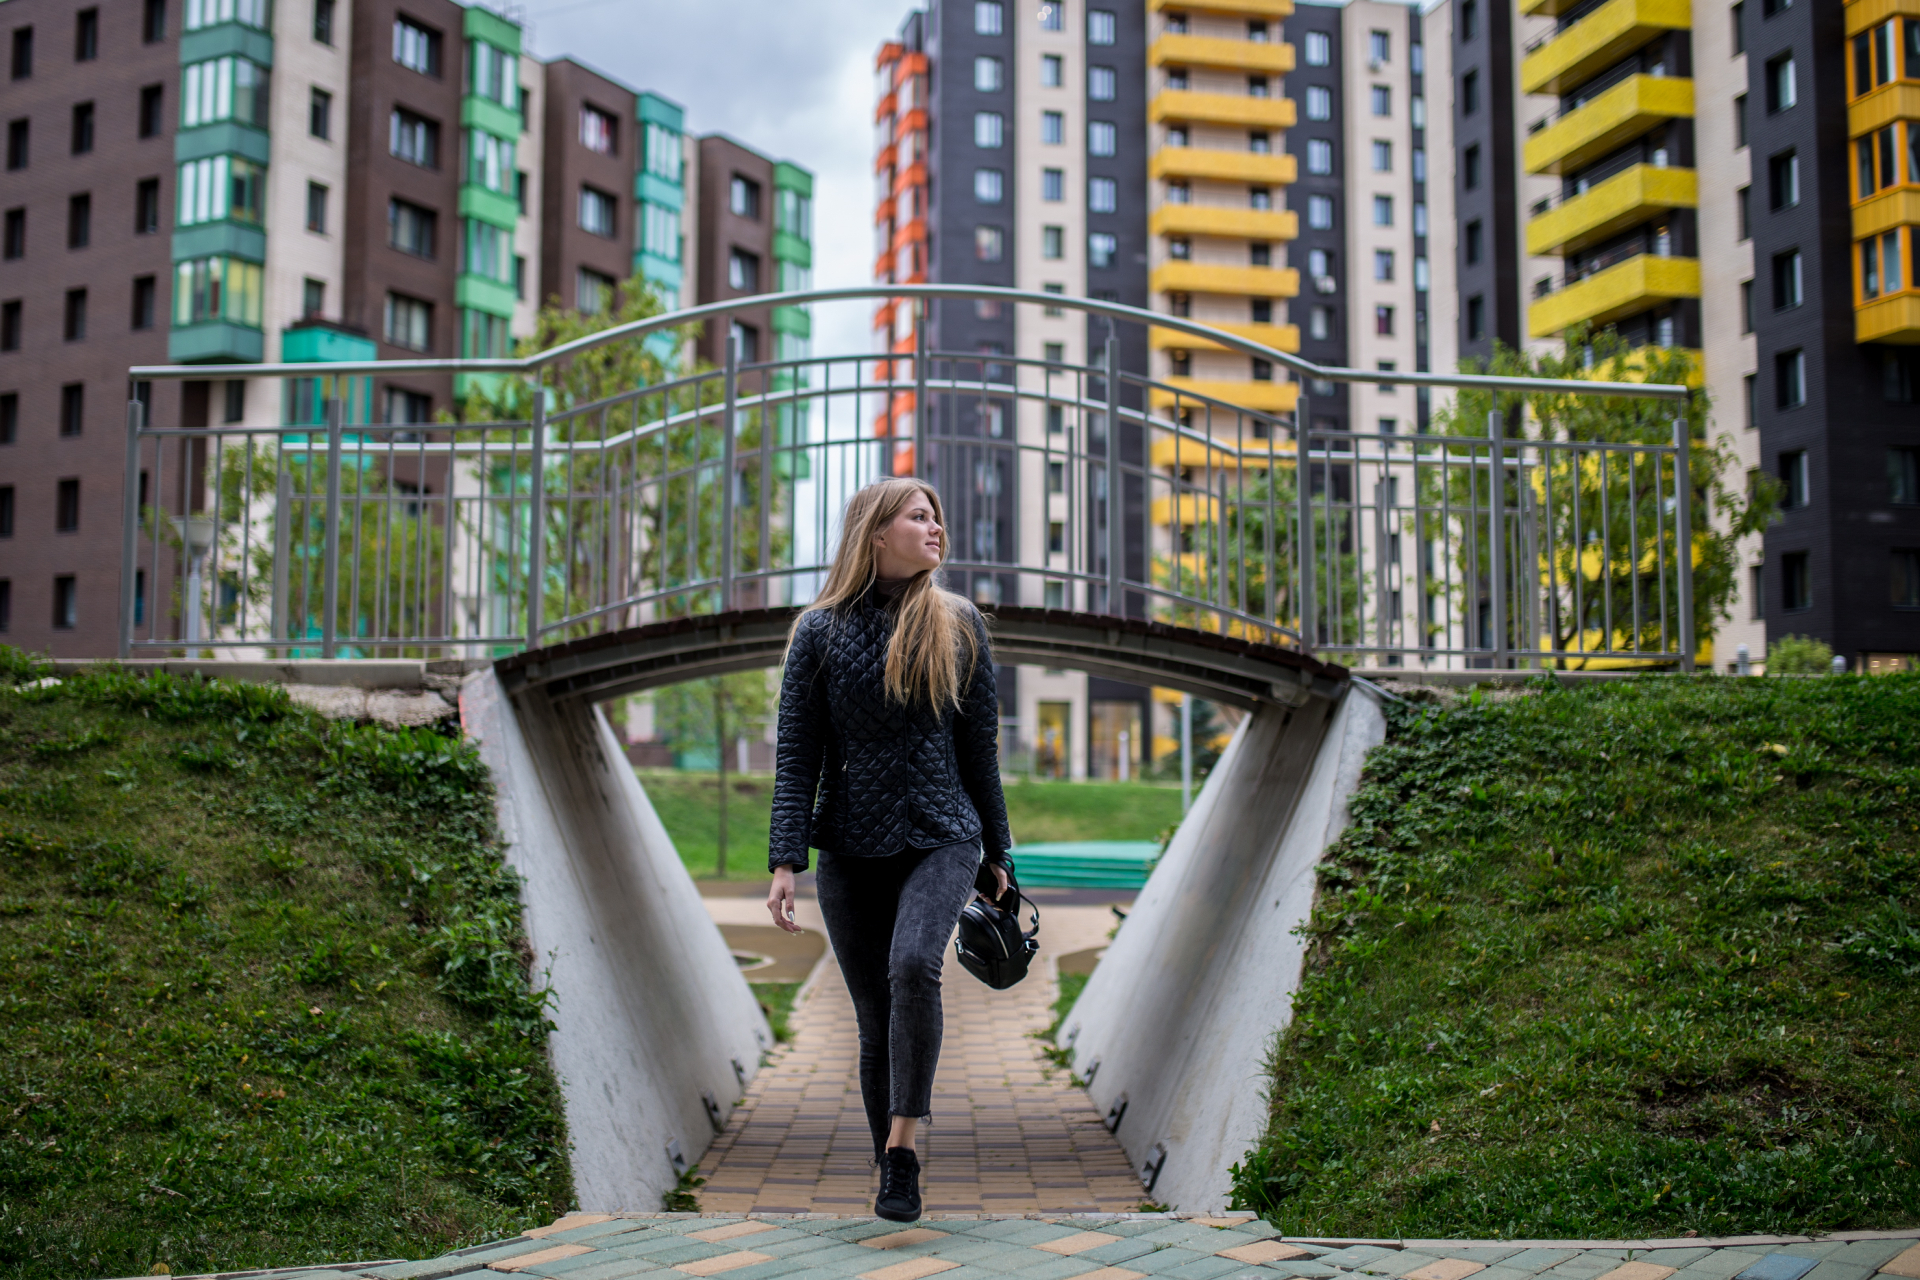 В Старой Москве останутся некоторые проекты комфорт-класса, но основную часть составит бизнес-класс